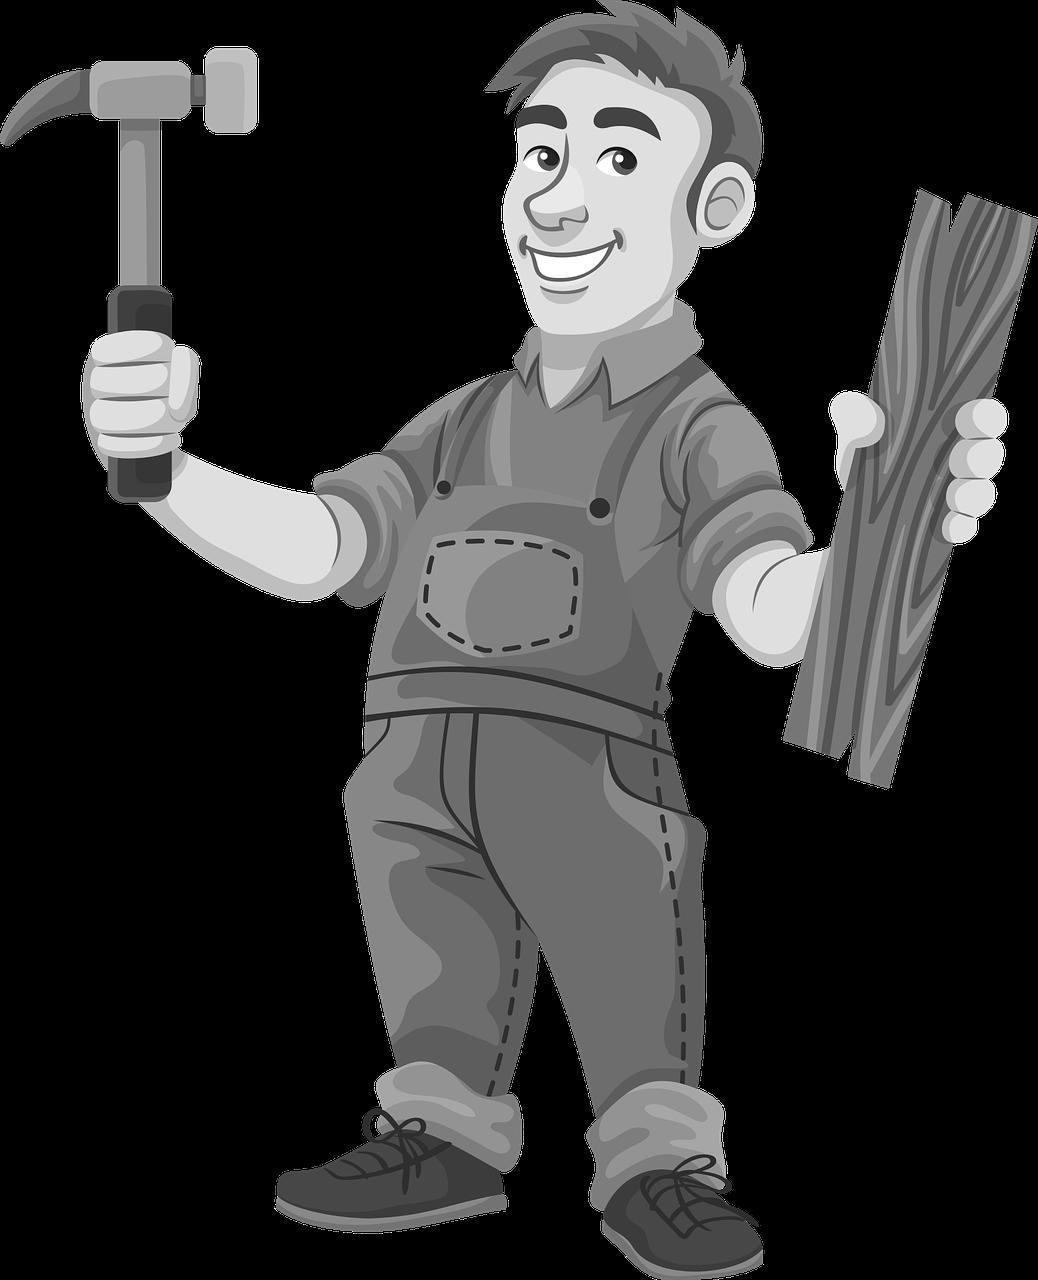 Extension ossature bois à Mouvaux 59420 : Devis et tarifs